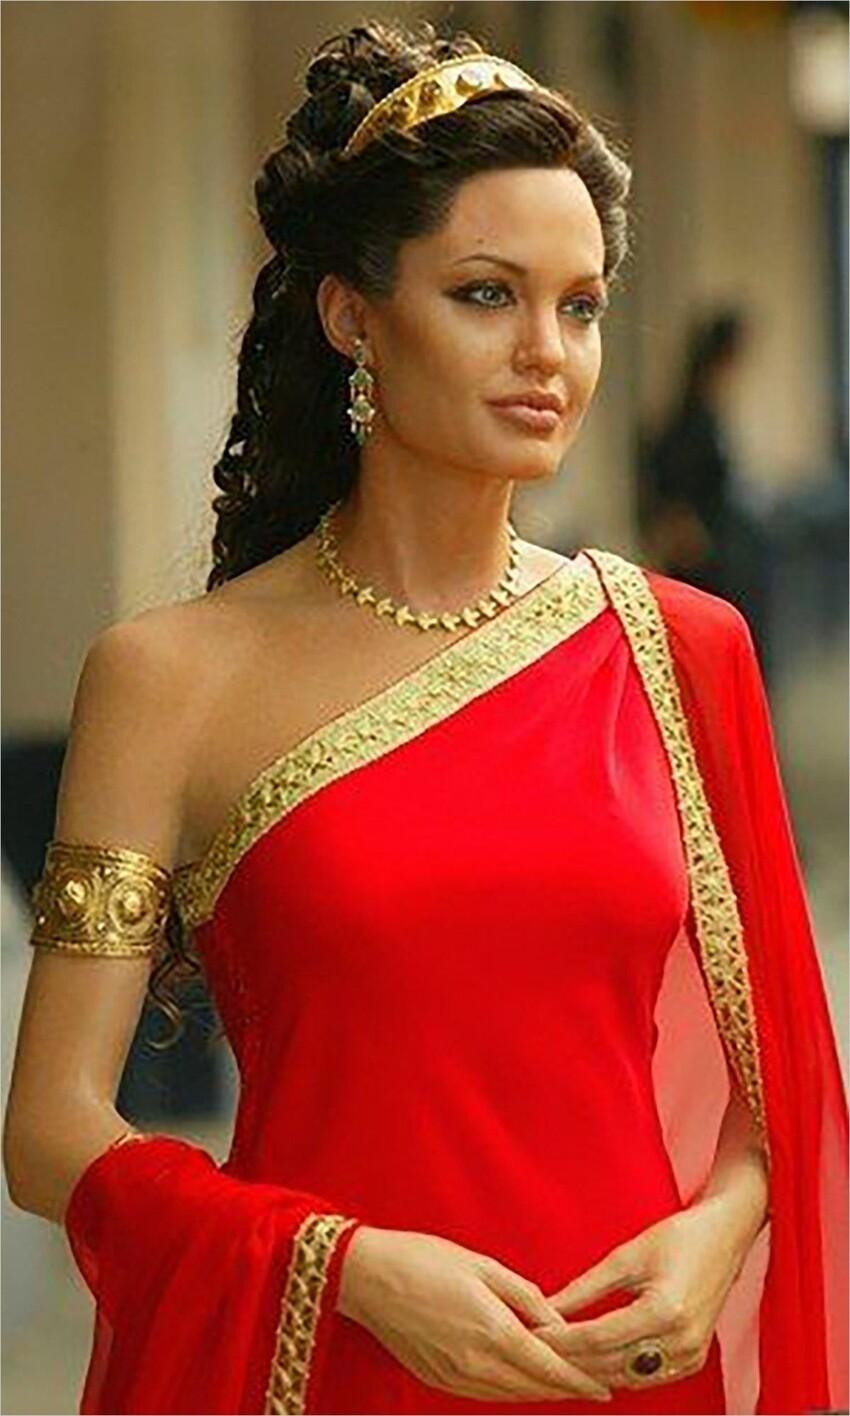 Клеопатру также, в одноименном фильме, должна была сыграть Анджелина Джоли, но эта лента пока не вышла